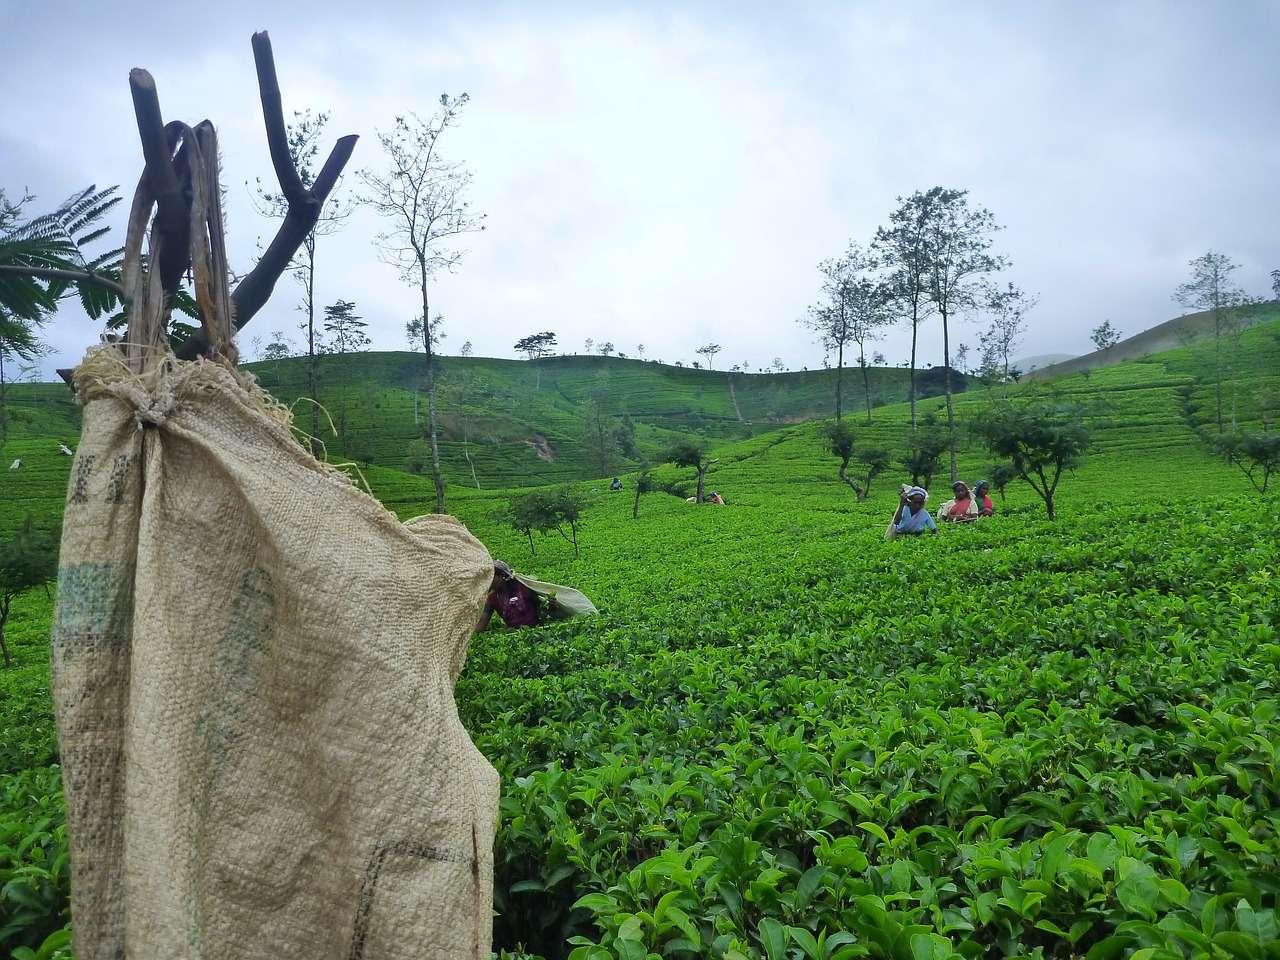 盛產錫蘭紅茶的斯里蘭卡最近發生了一件爭議很大的事!!!